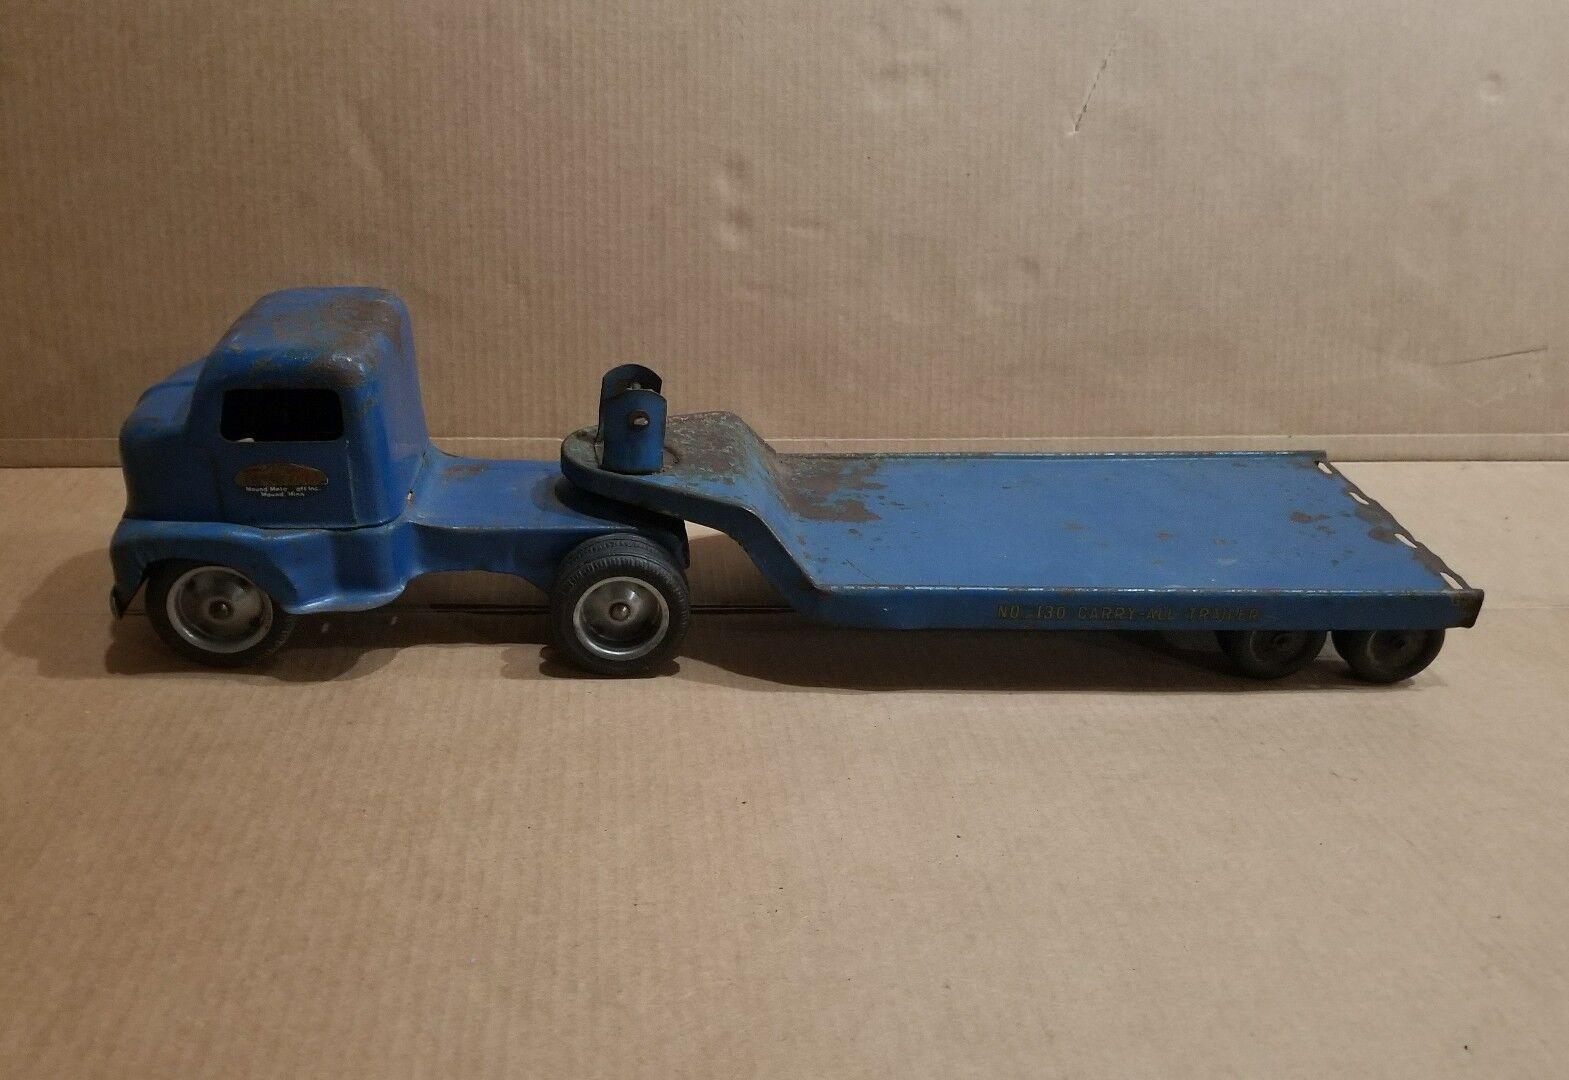 Tonka Nº 130 remolque de tractor llevar-todo 1949-54 blu Lowbody Semi CEO Vintage